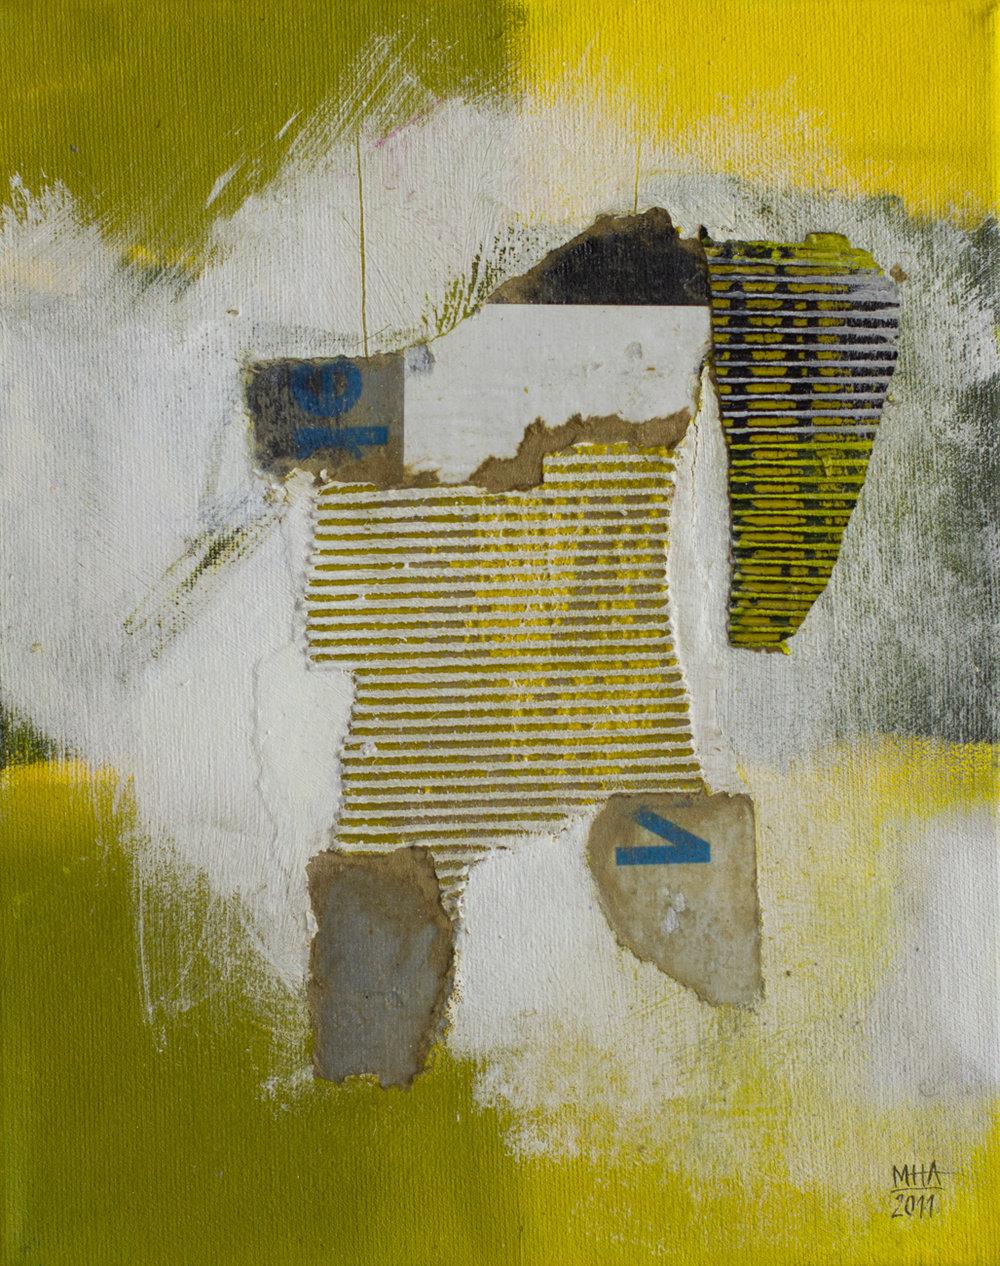 gelbes Bild D , 2011,Collage mit Acryl auf Leinwand, 24x30 cm